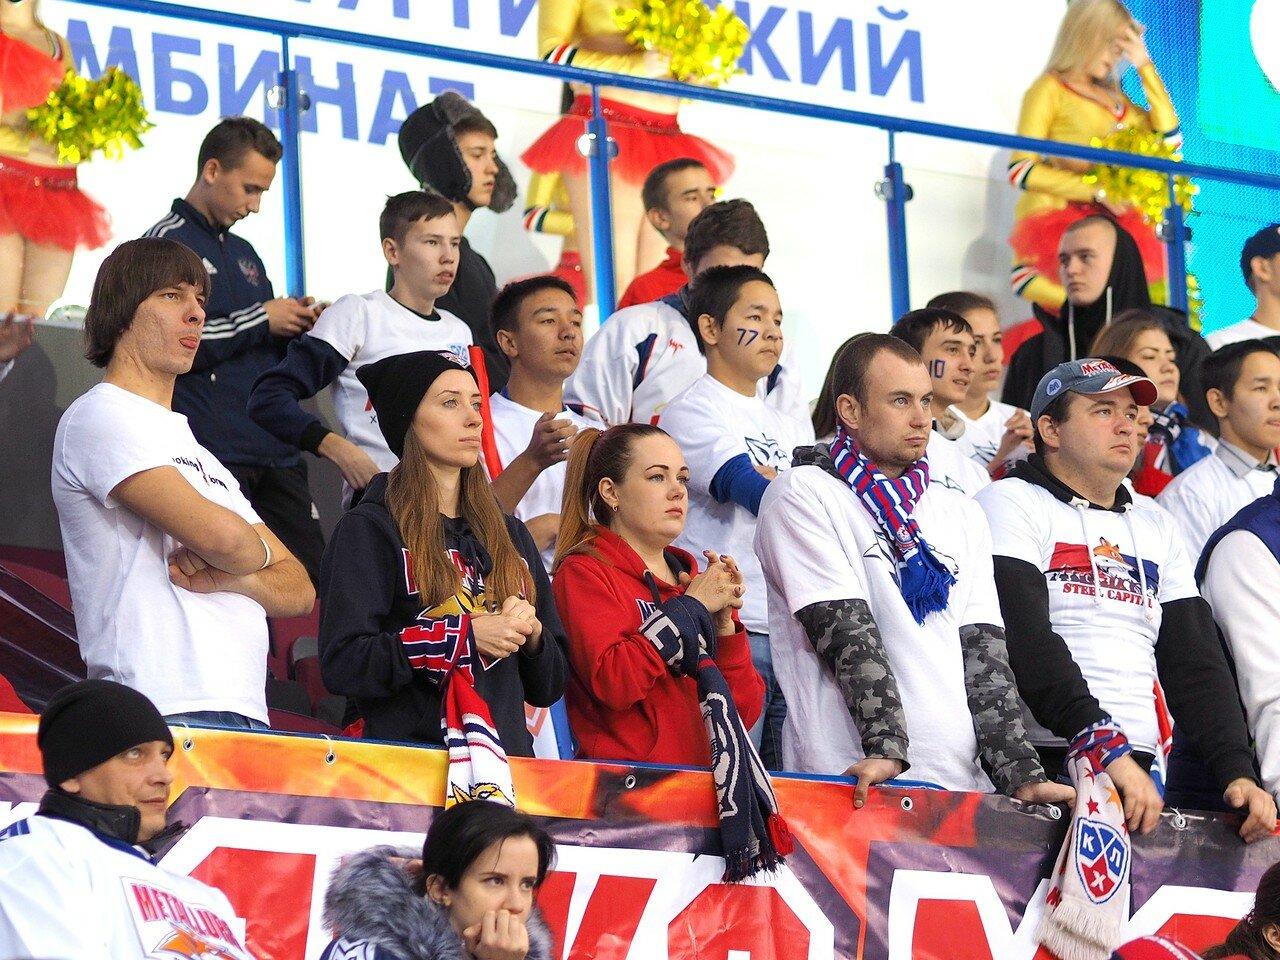 136 Металлург - Динамо Рига 26.11.2017